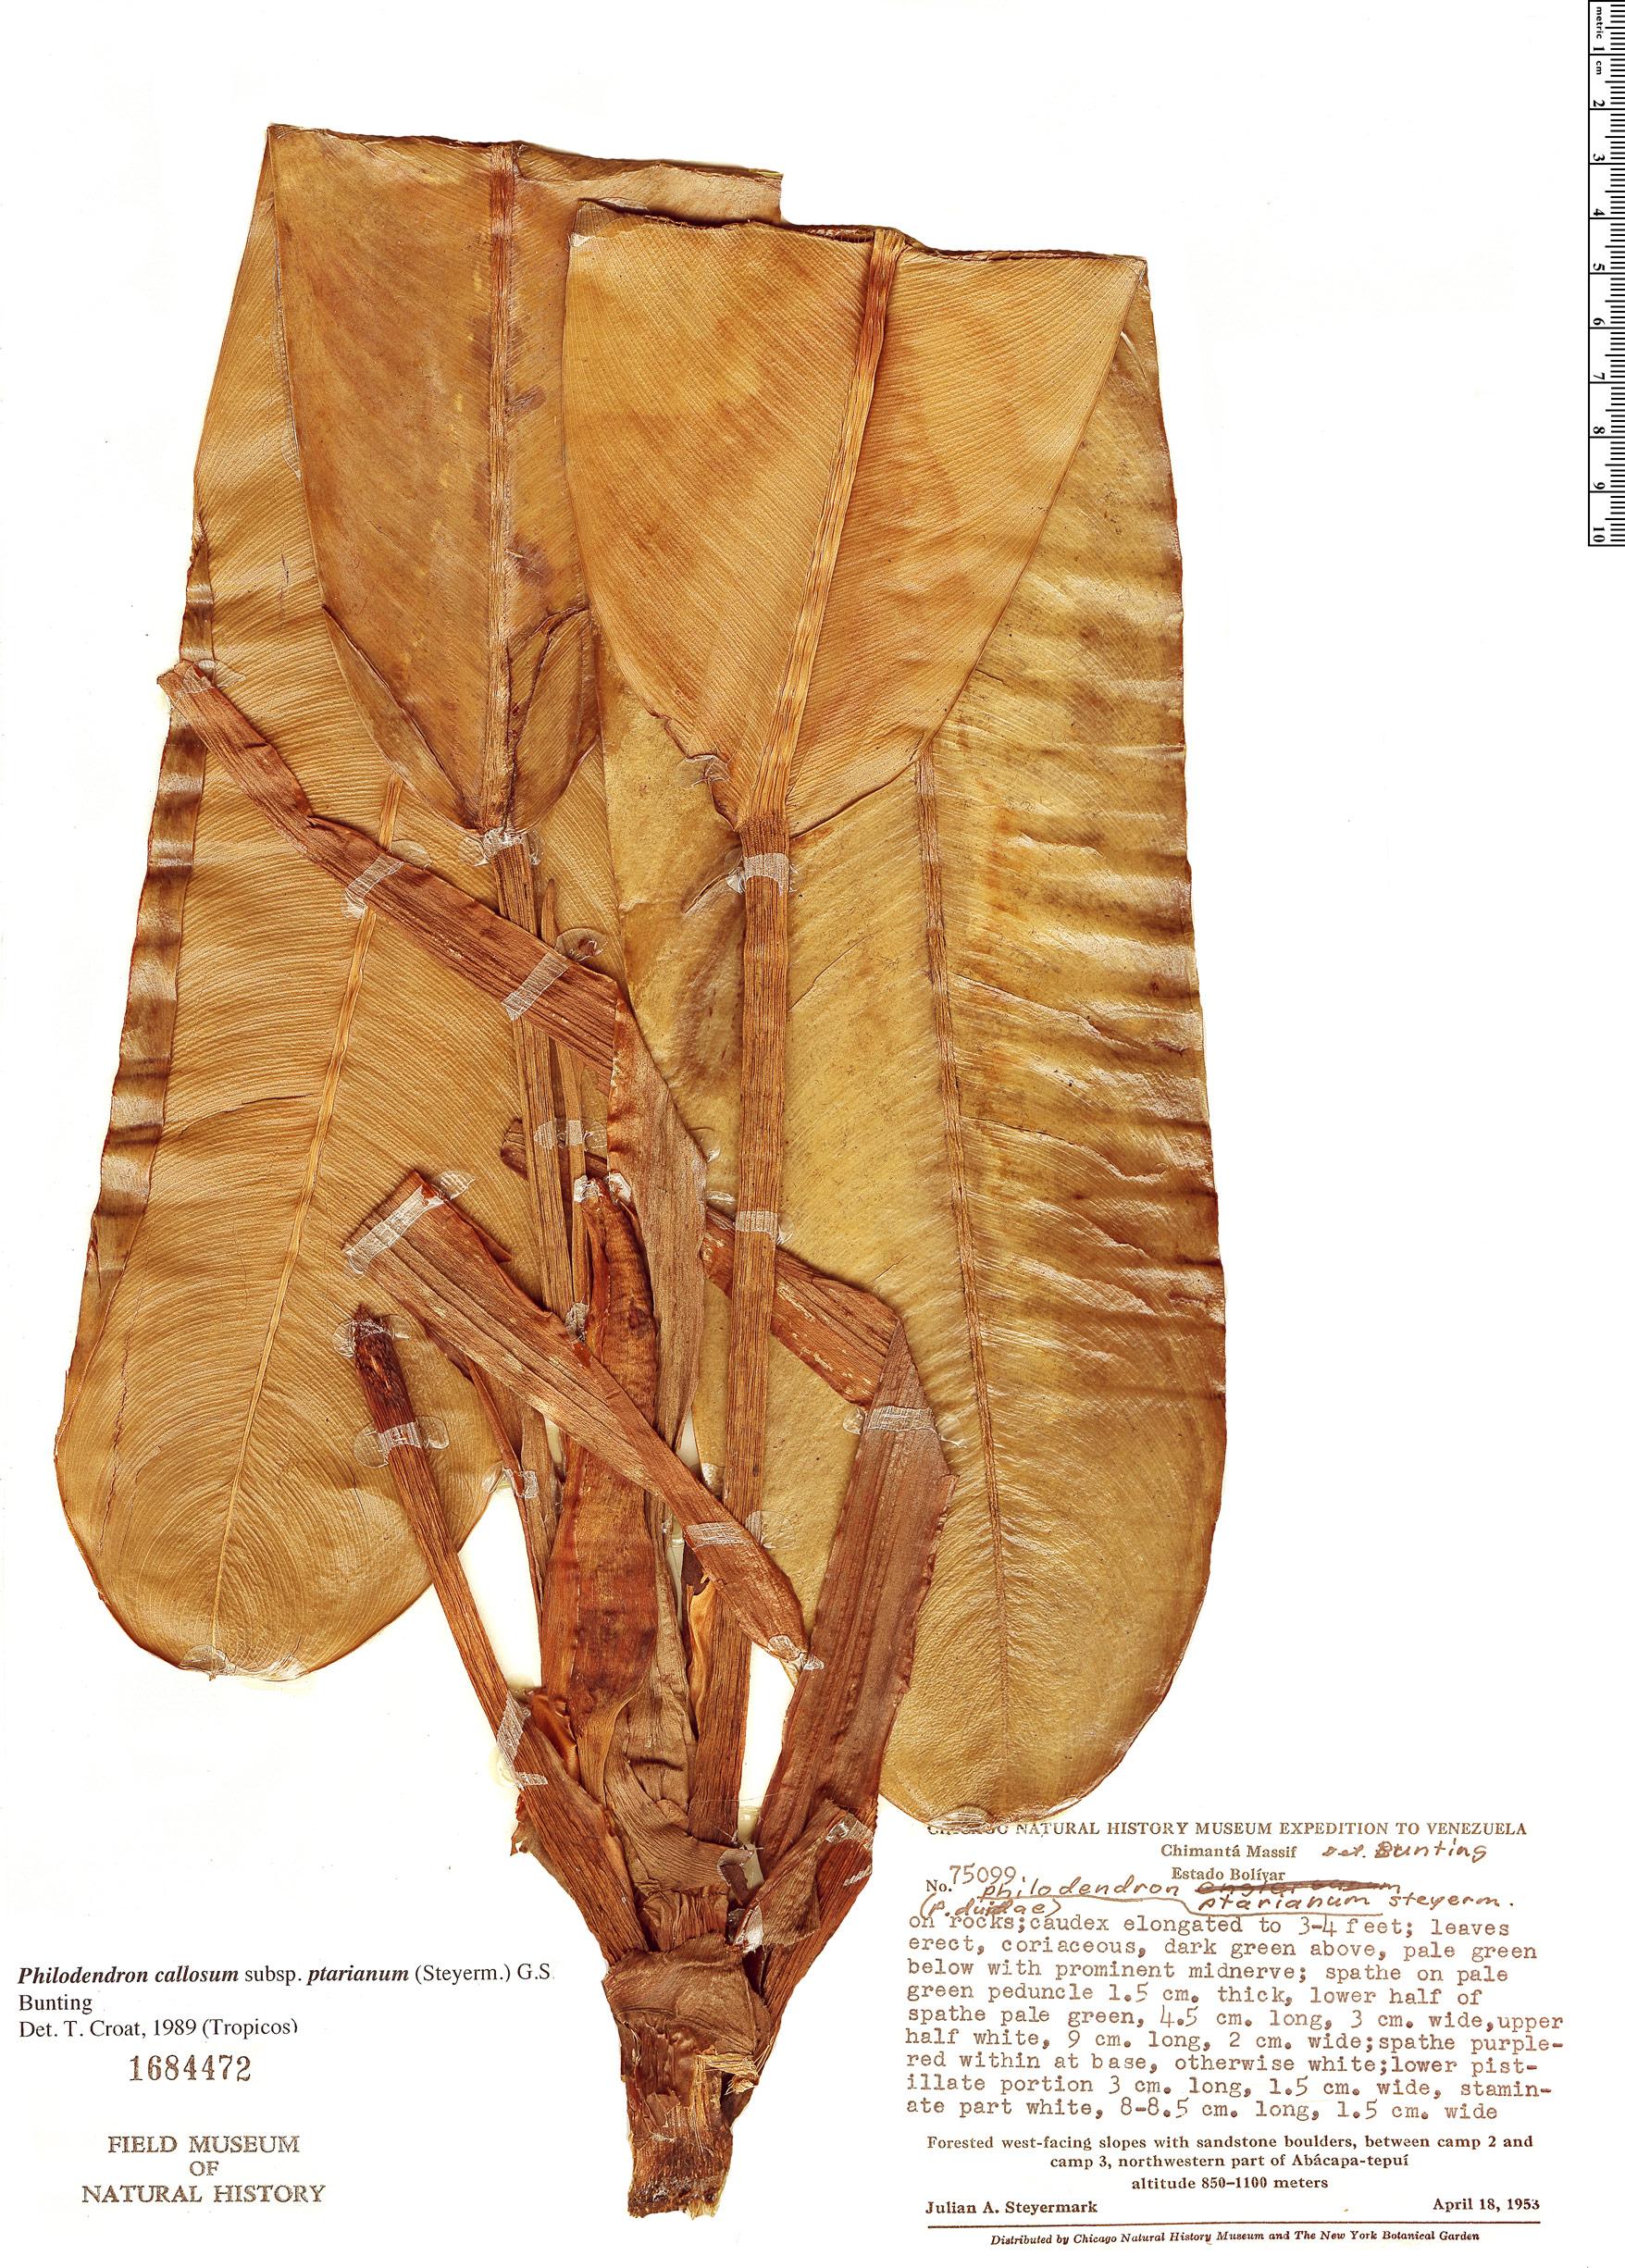 Specimen: Philodendron callosum